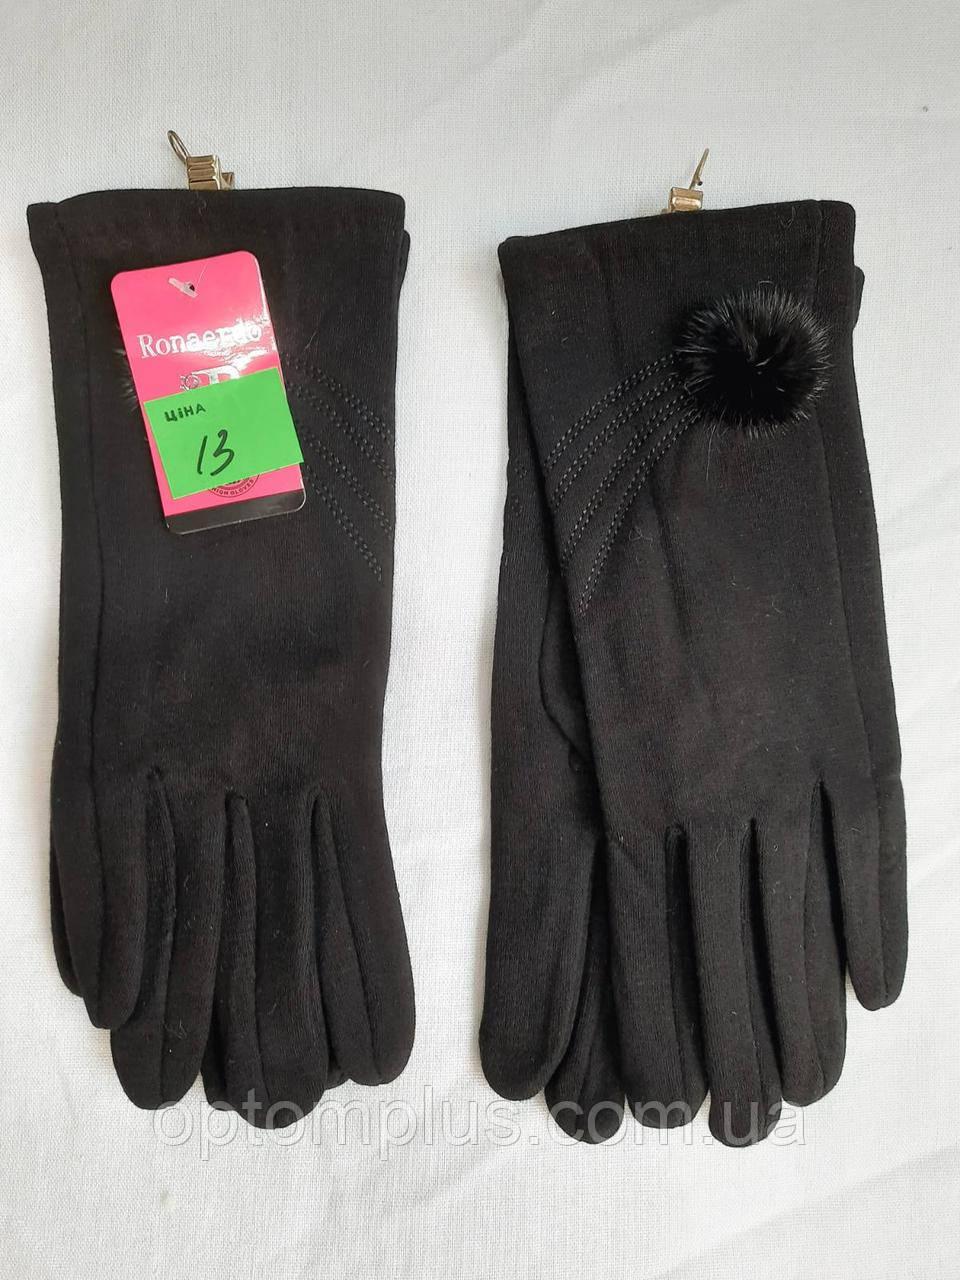 Перчатки женские (6,5-8,5) оптом купить от склада 7 км